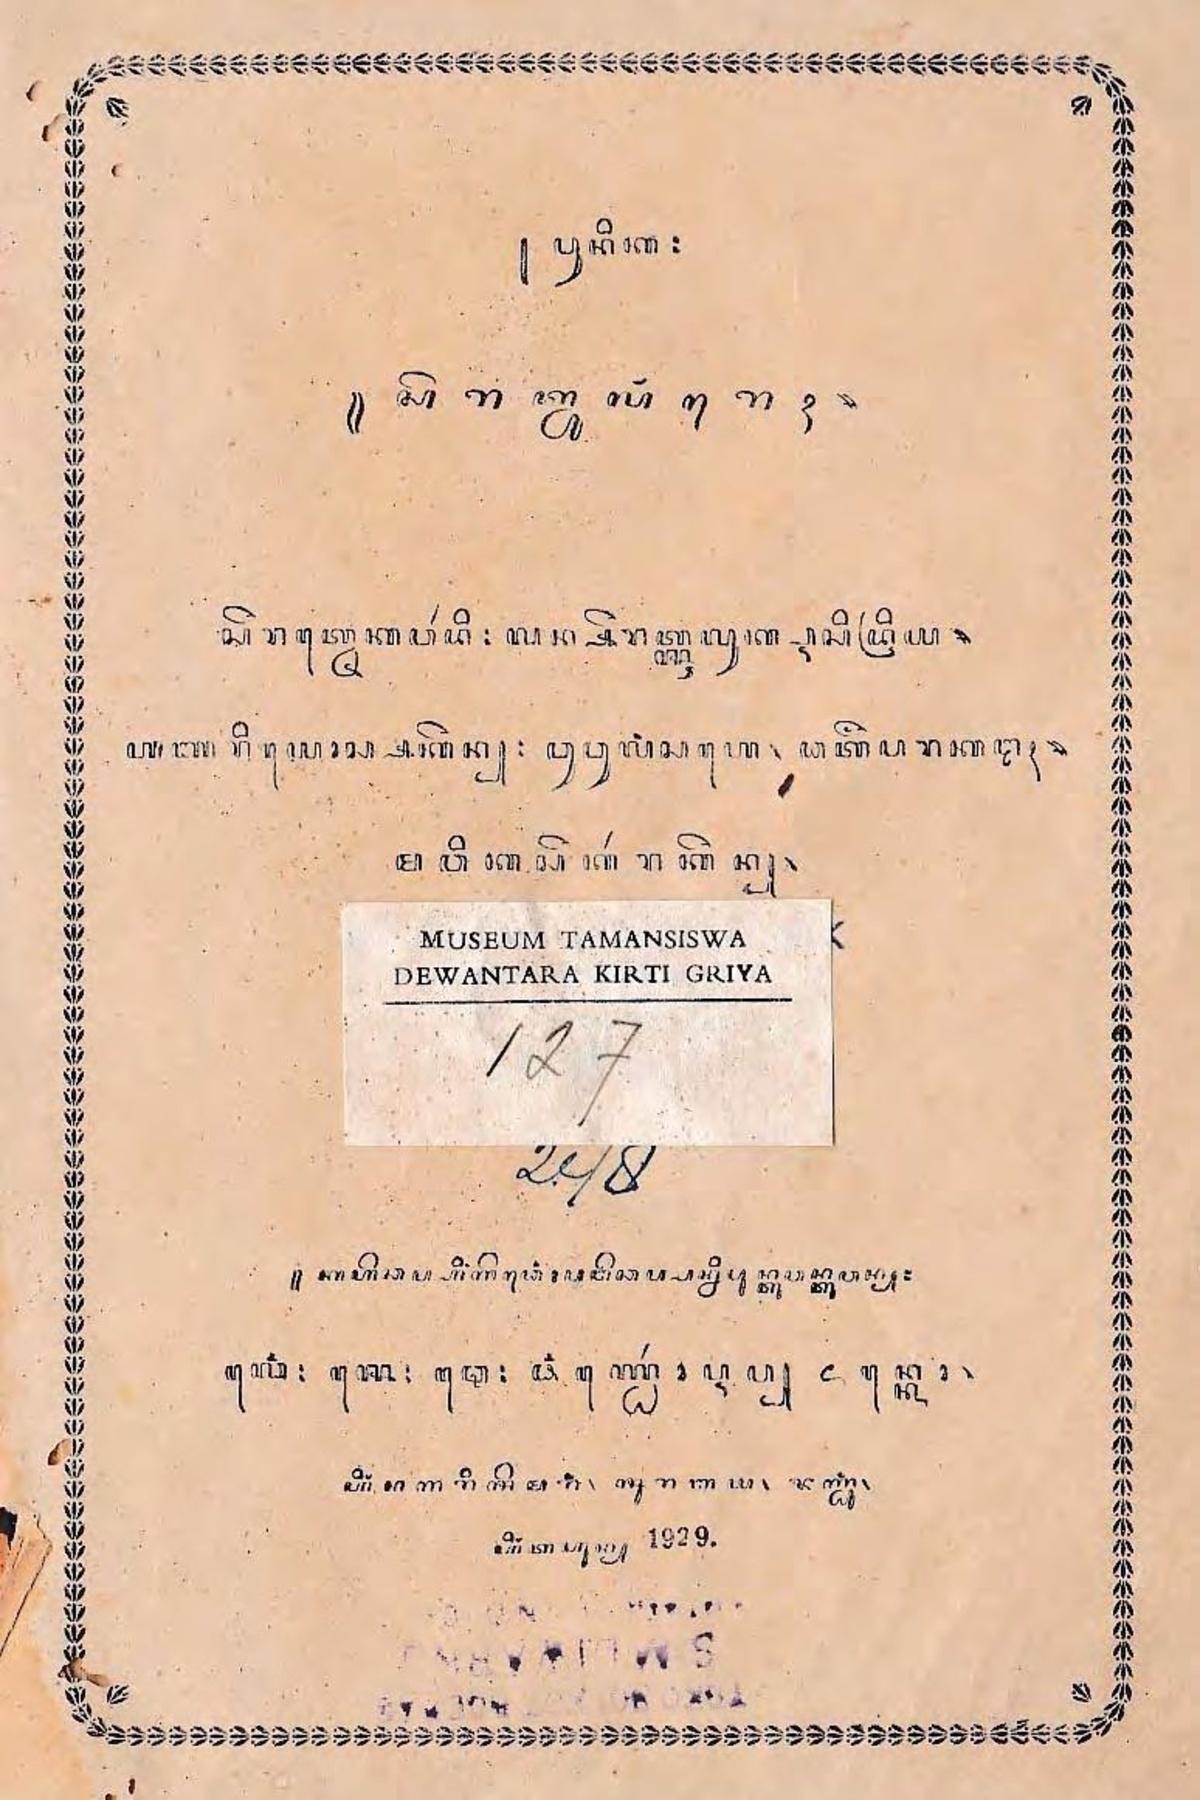 Wulang Reh Wikipedia Bahasa Indonesia Ensiklopedia Bebas